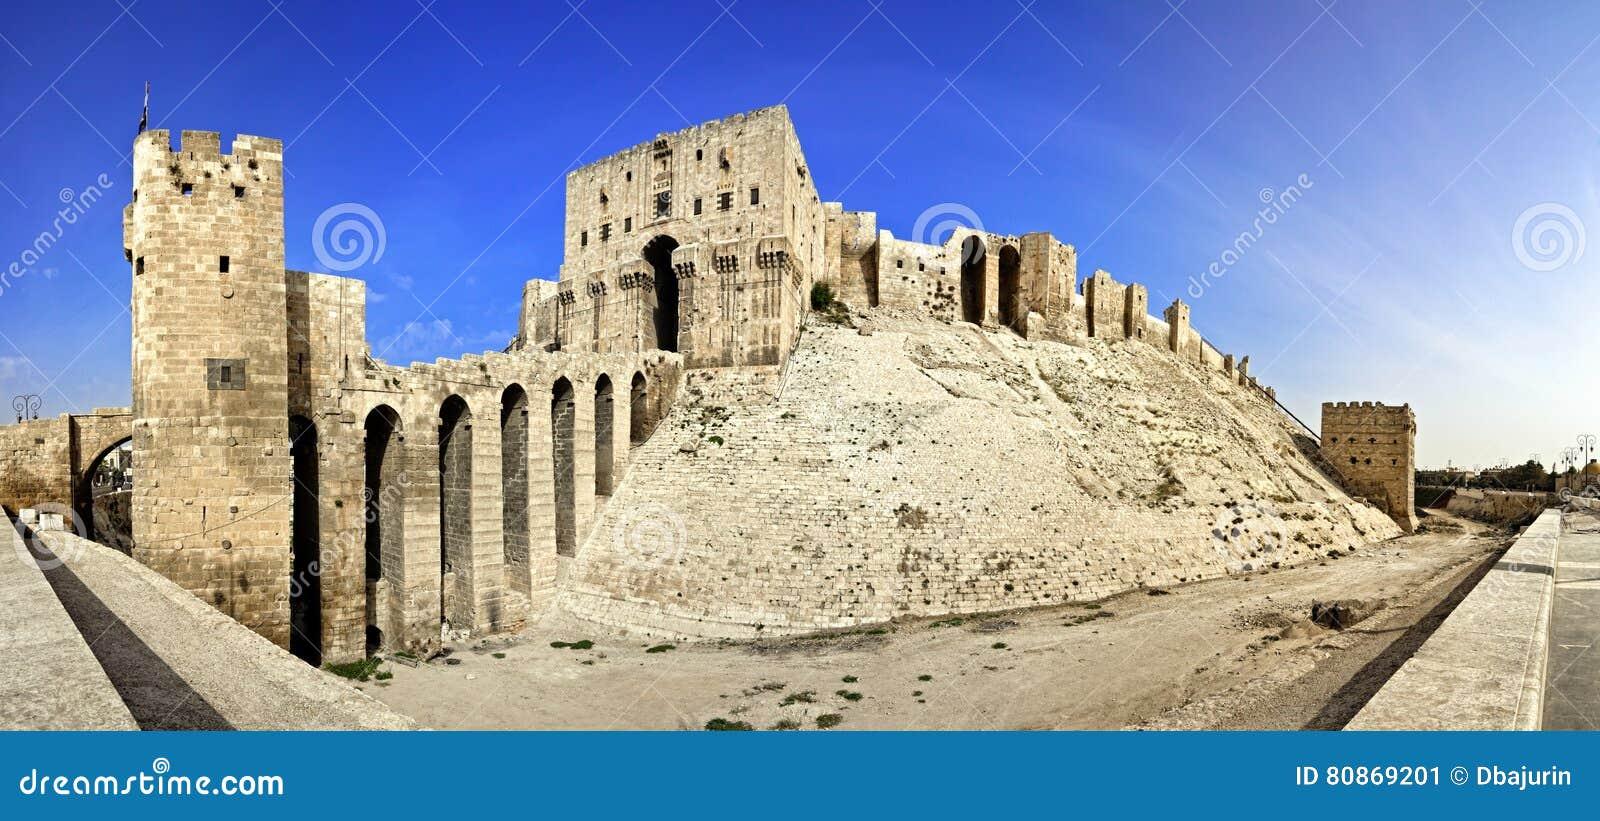 Цитадель Сирии - Халеба